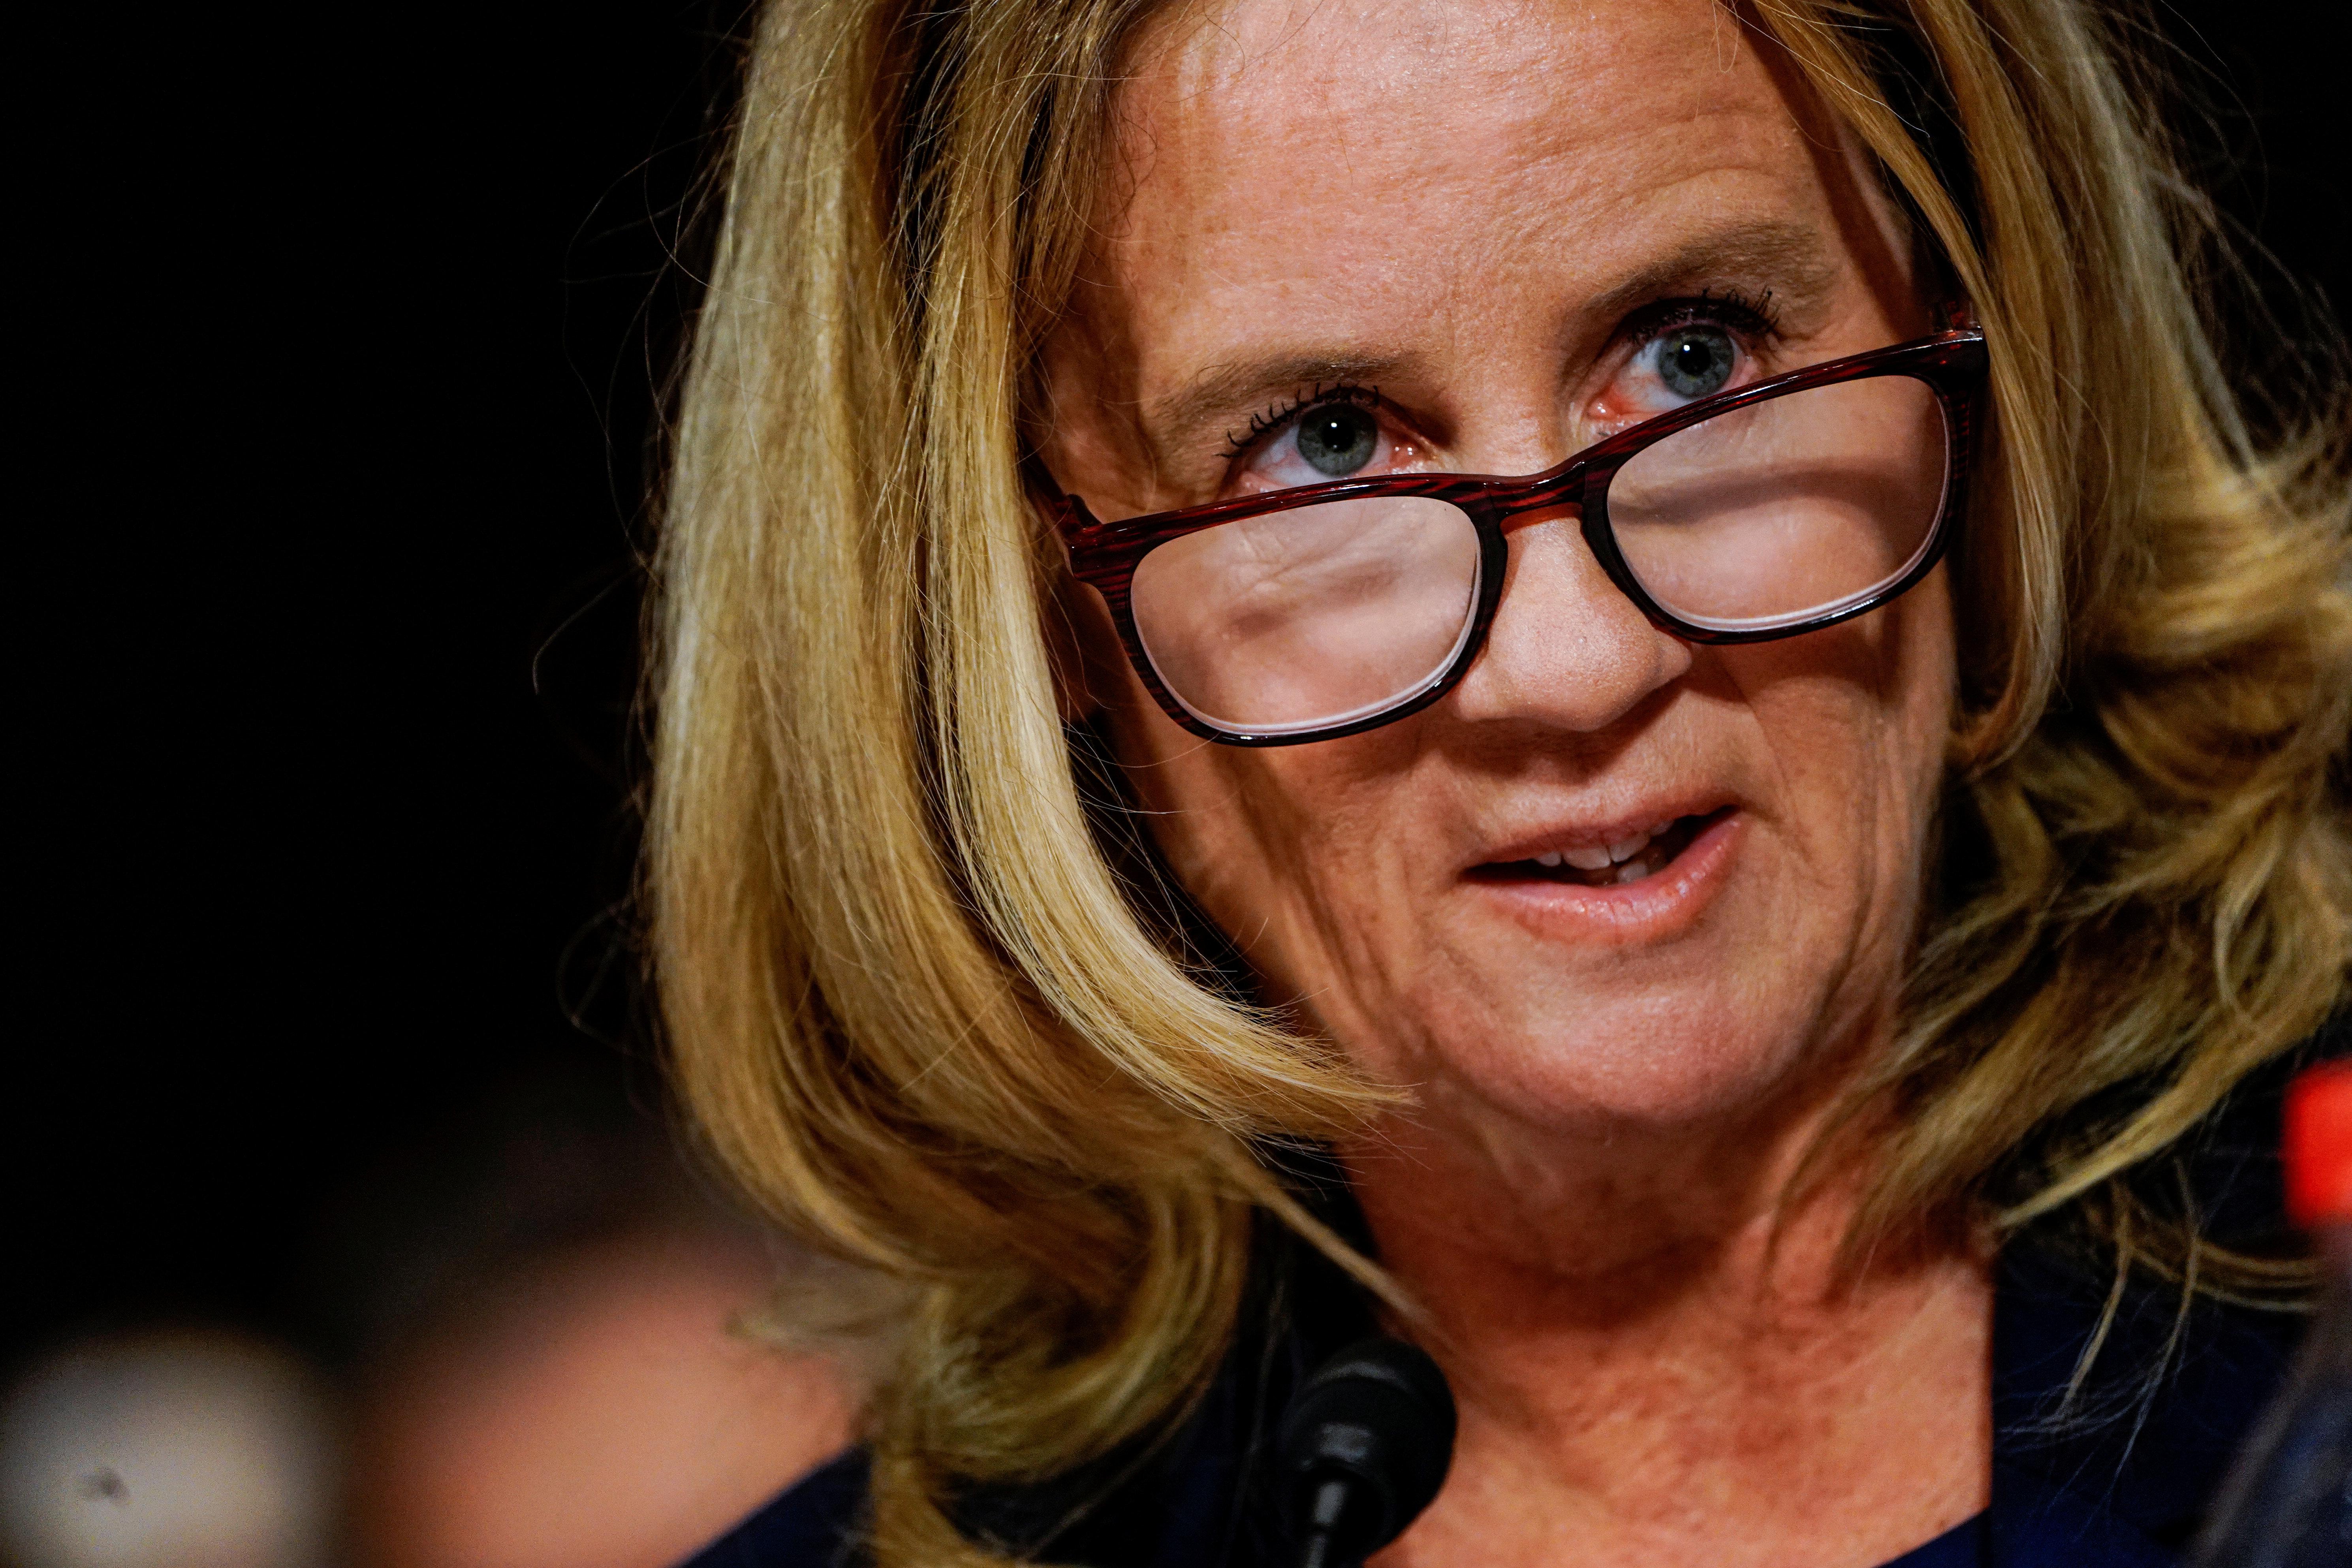 美 대법관 후보의 성폭행 시도를 폭로한 여성의 증언을 담은 강력한